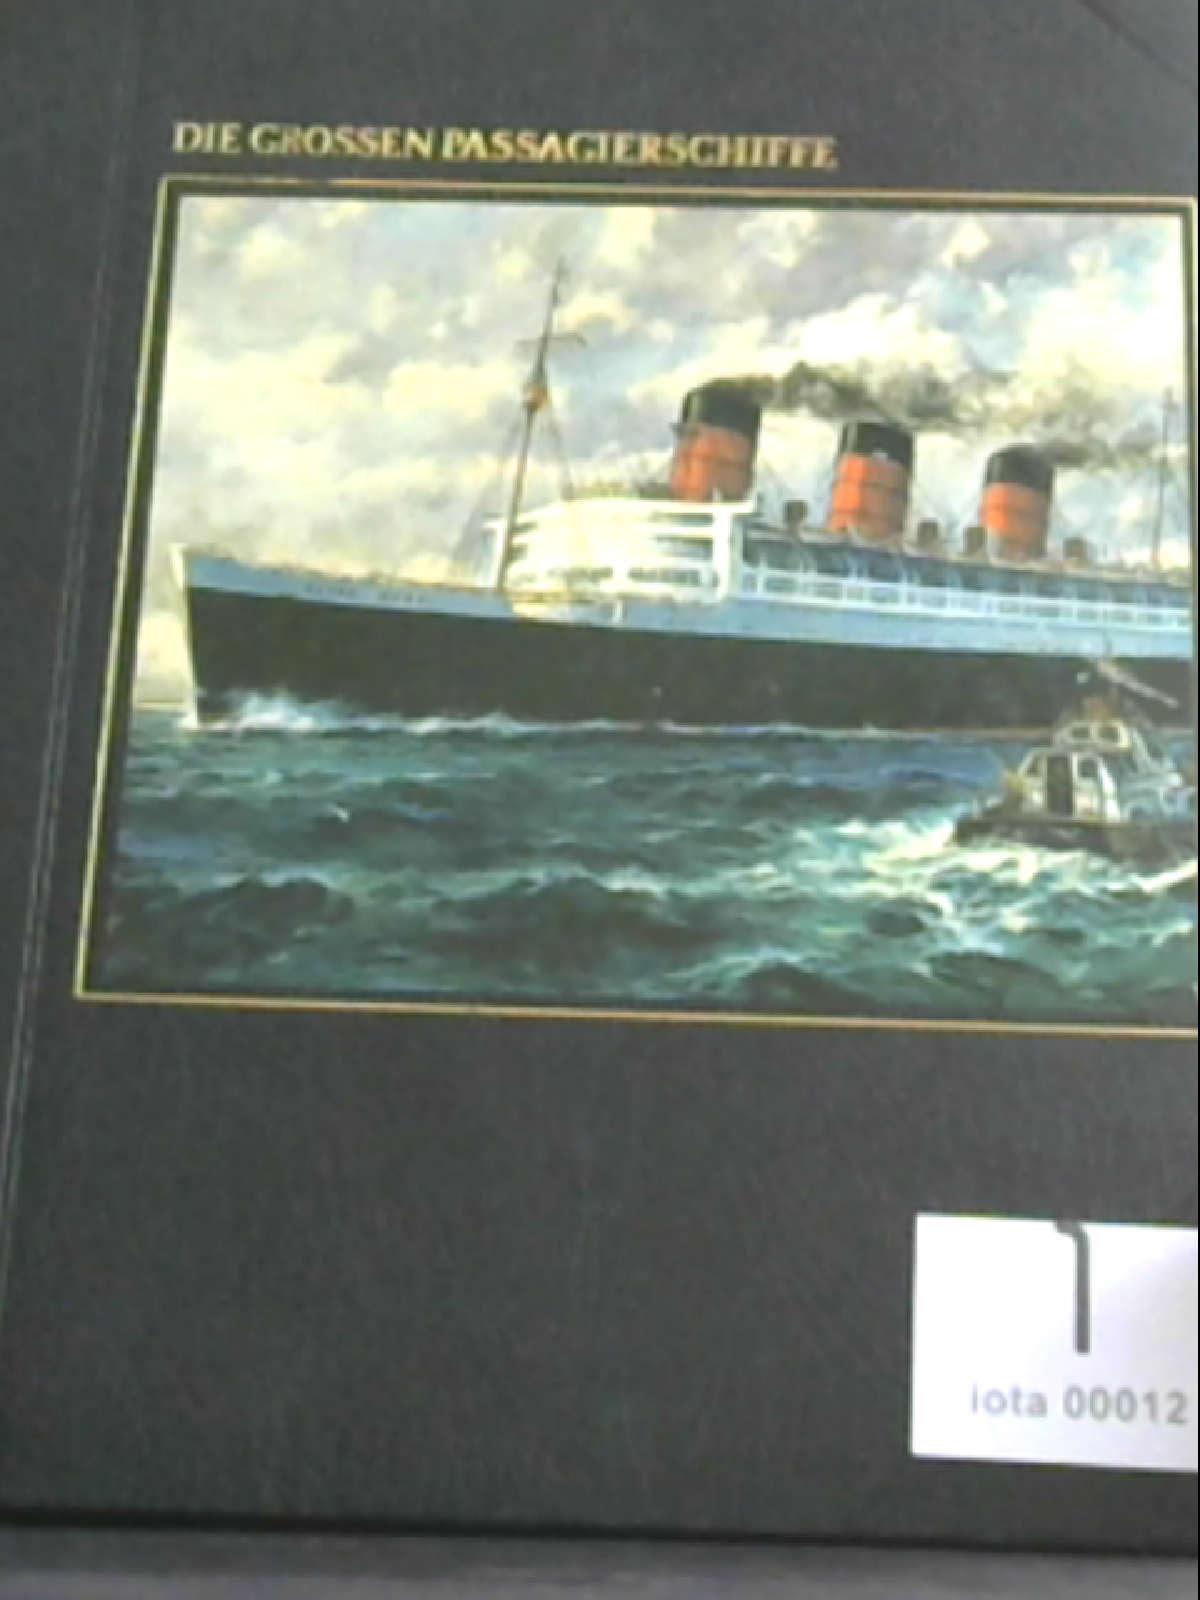 Maddocks, Melvin: Time Life: Die Seefahrer: Die grossen Passagierschiffe